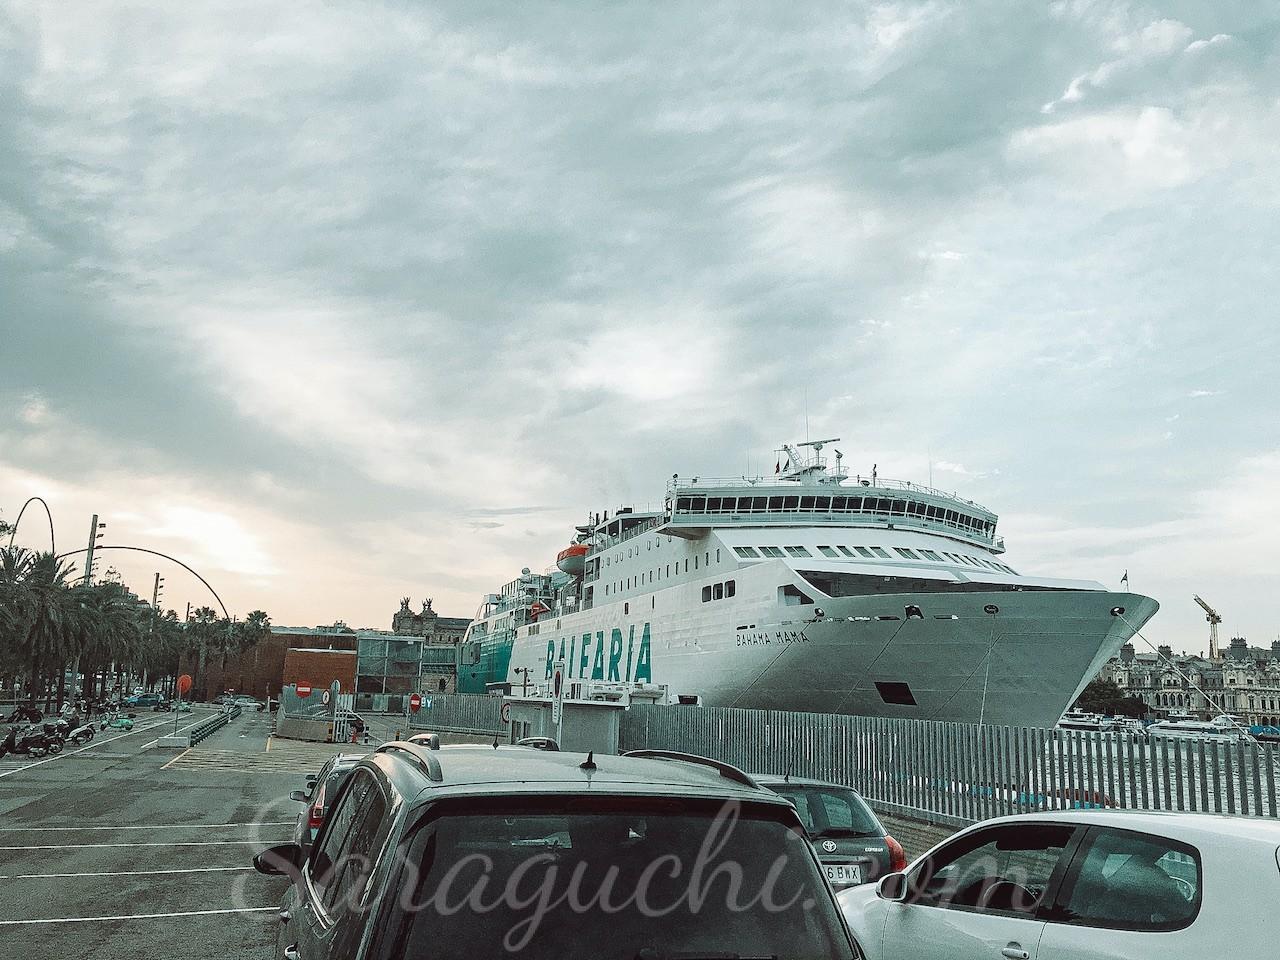 Ferry de Balearia en el Puerto de Barcelona